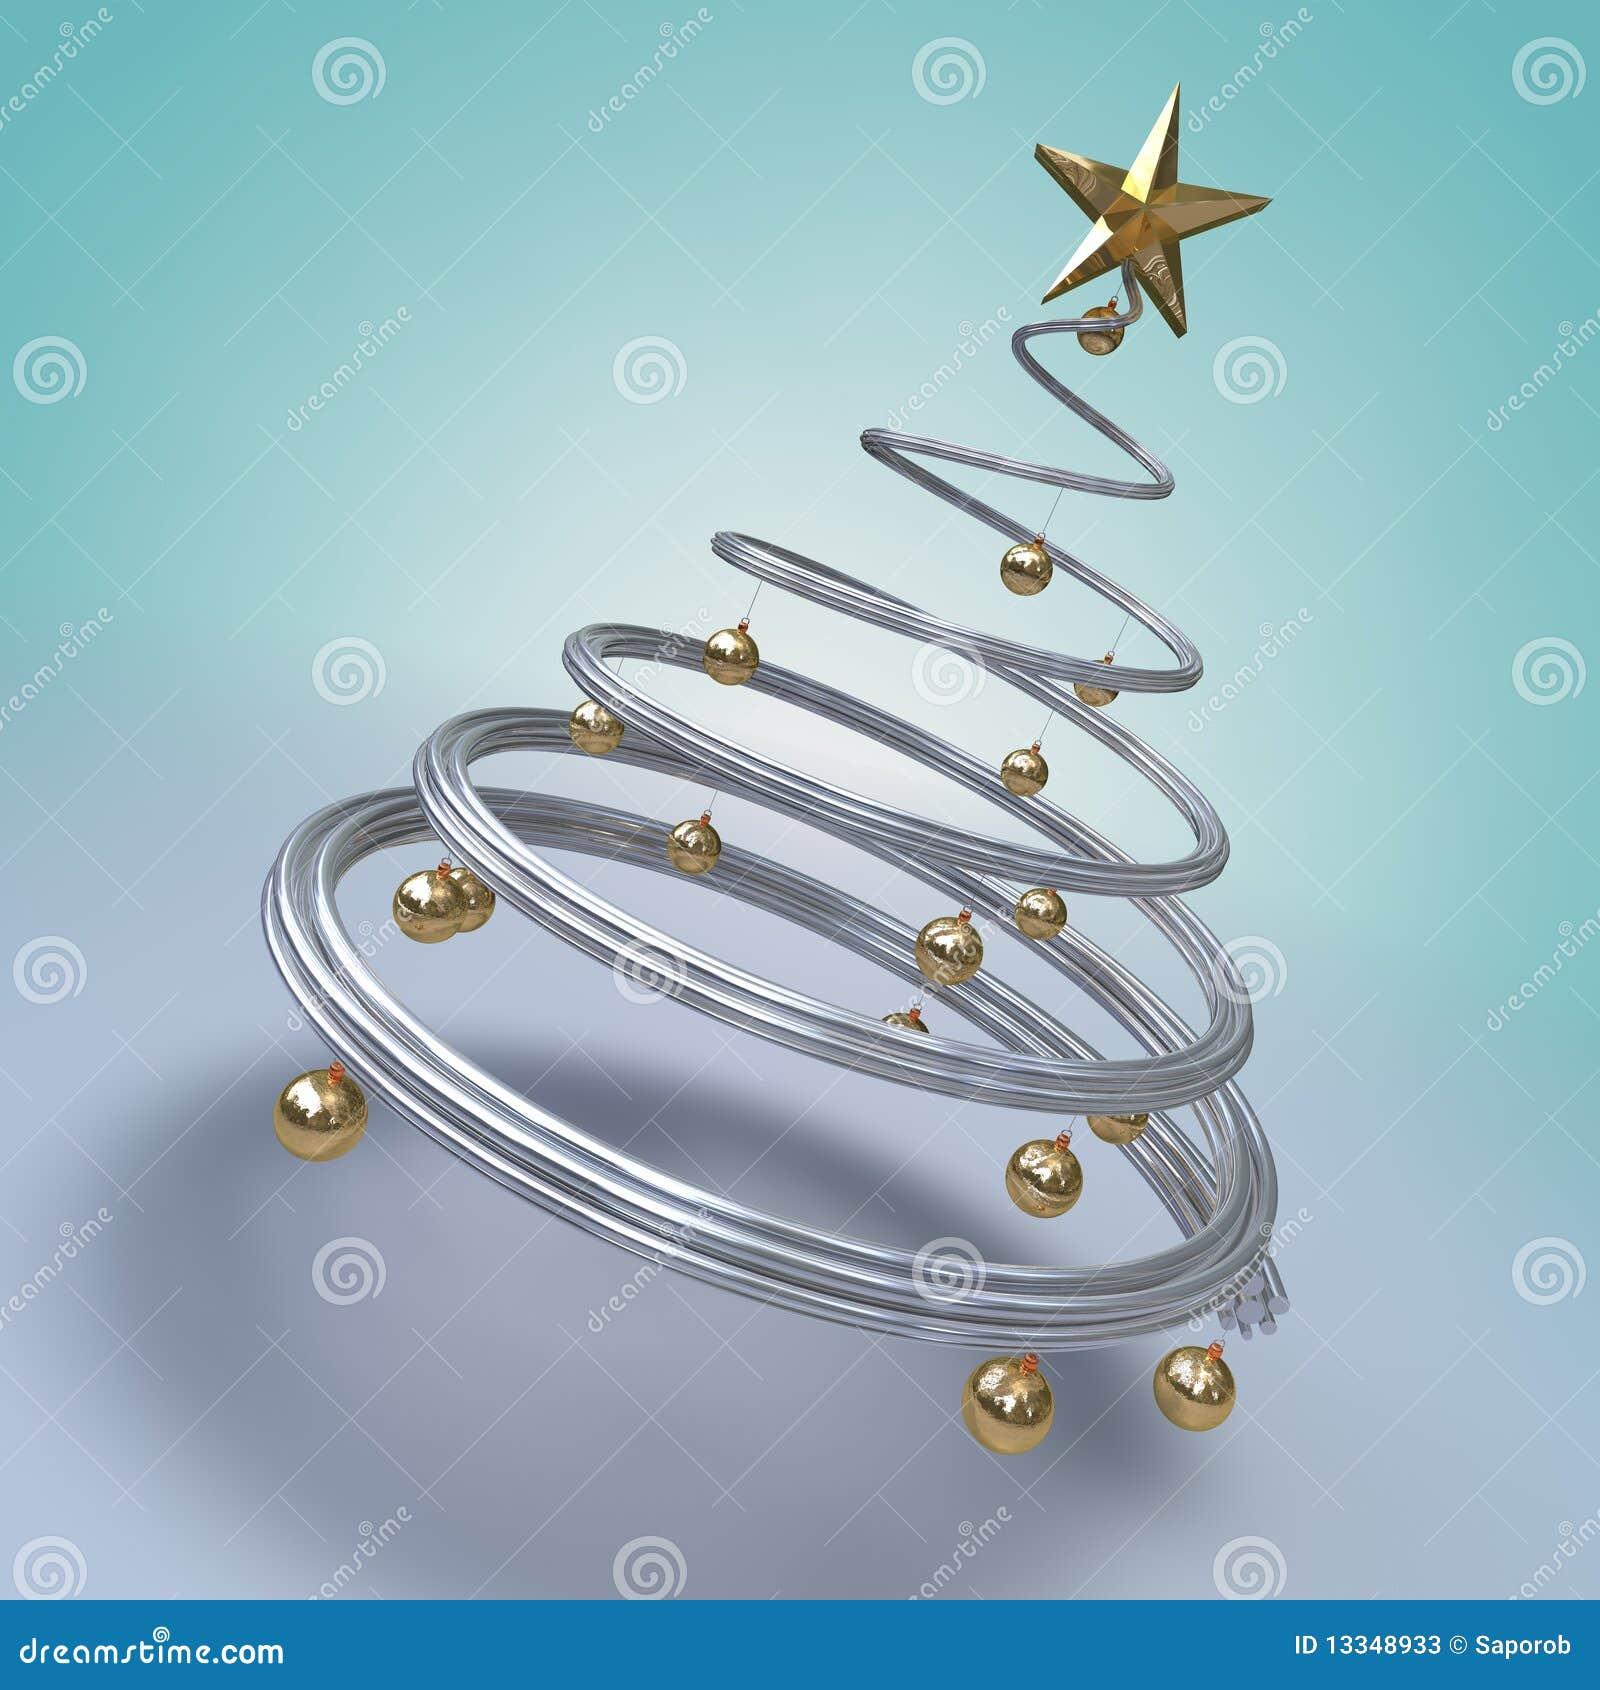 Rbol de navidad moderno fotos de archivo imagen 13348933 - Arbol navidad moderno ...